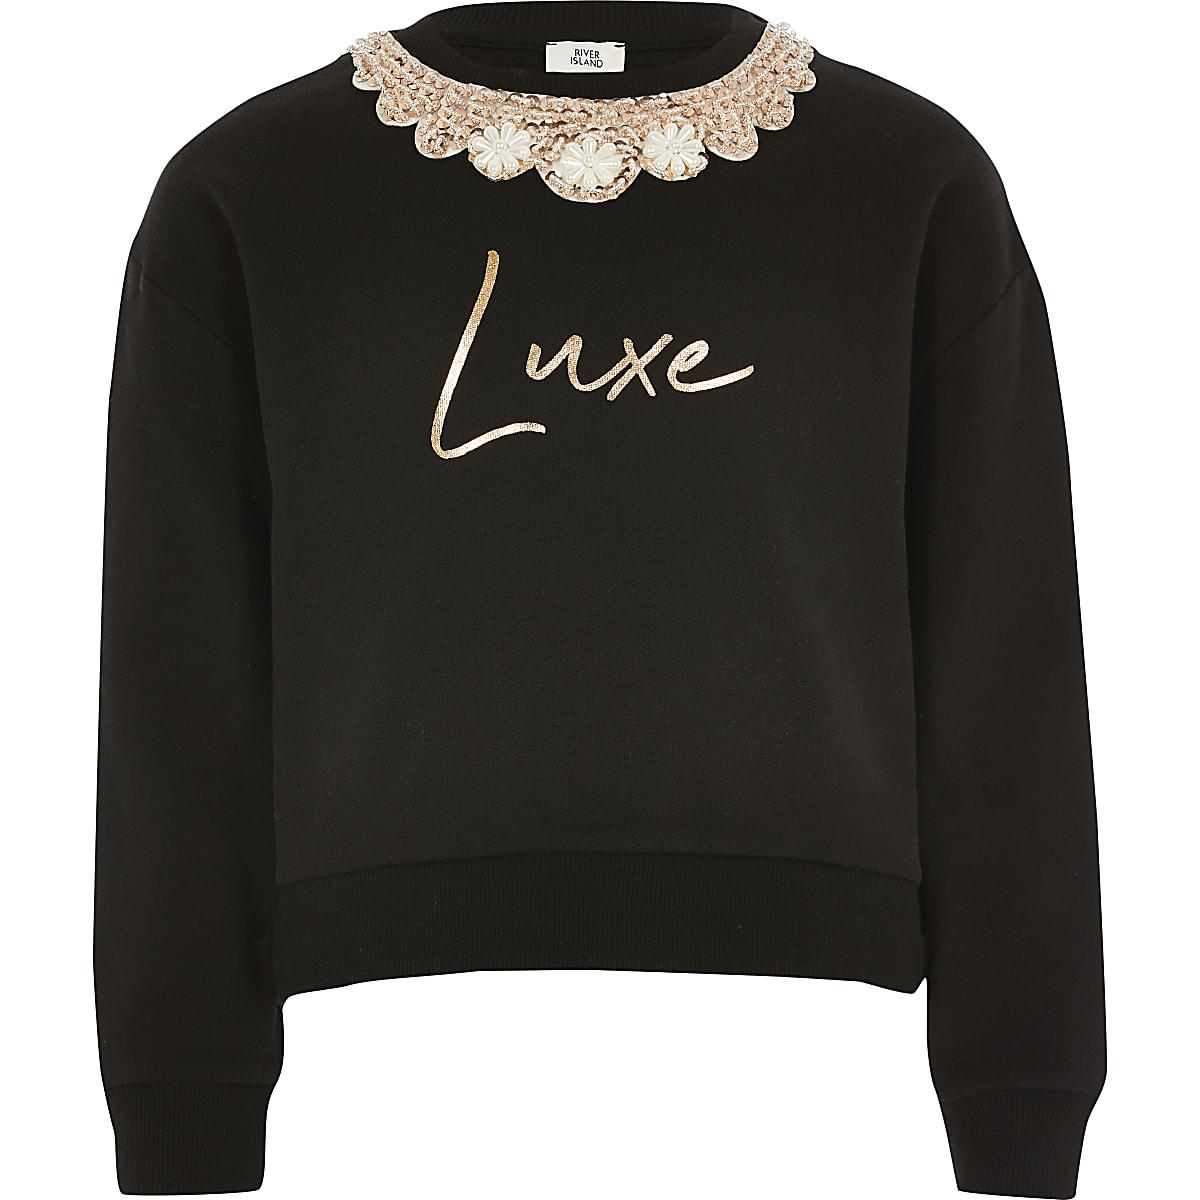 Girls black luxe embellished sweatshirt